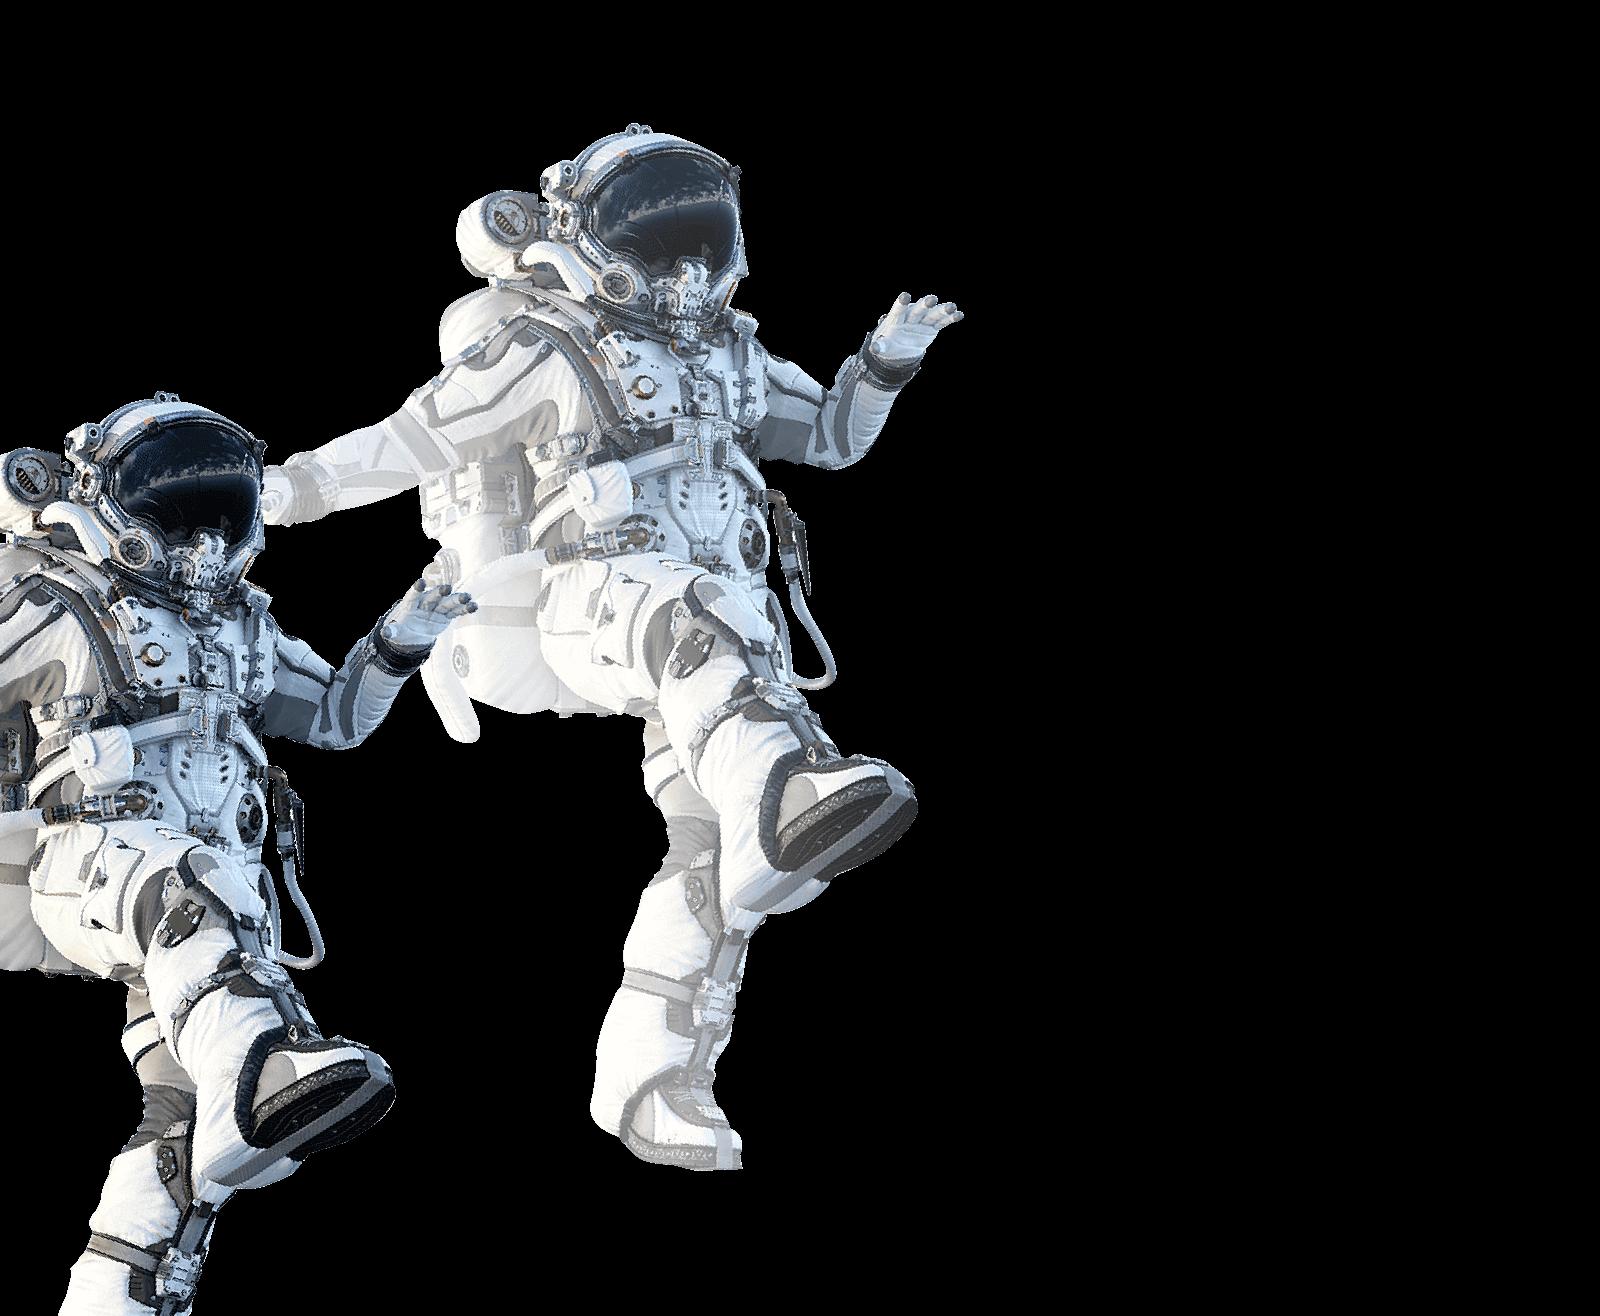 宇宙服を着た2人